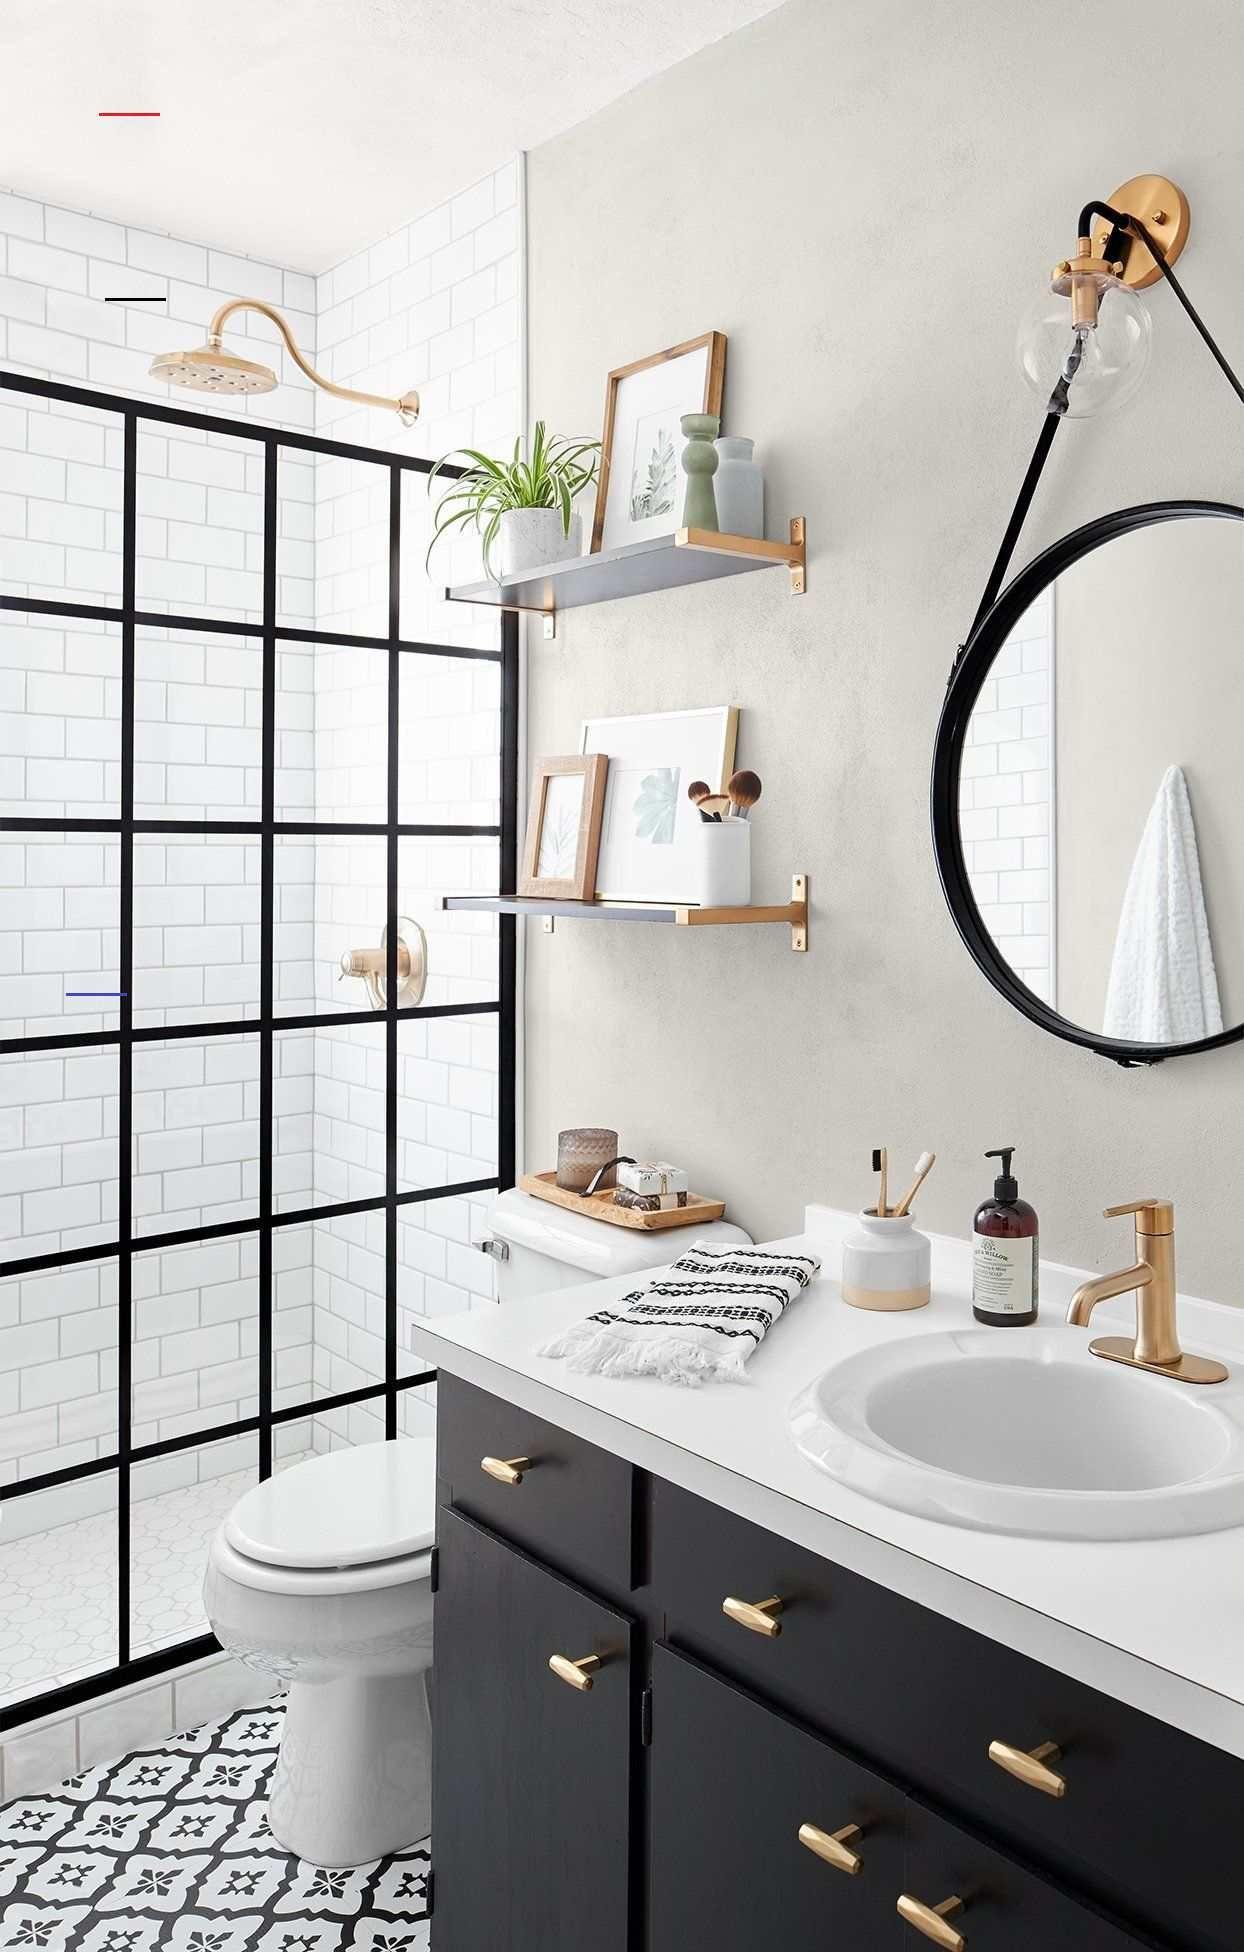 This Small Bath Makeover Blends Budget Friendly Diys And High End Finishes Blackwhitebathrooms In 2020 Badezimmer Renovieren Badezimmereinrichtung Badezimmer Umbau